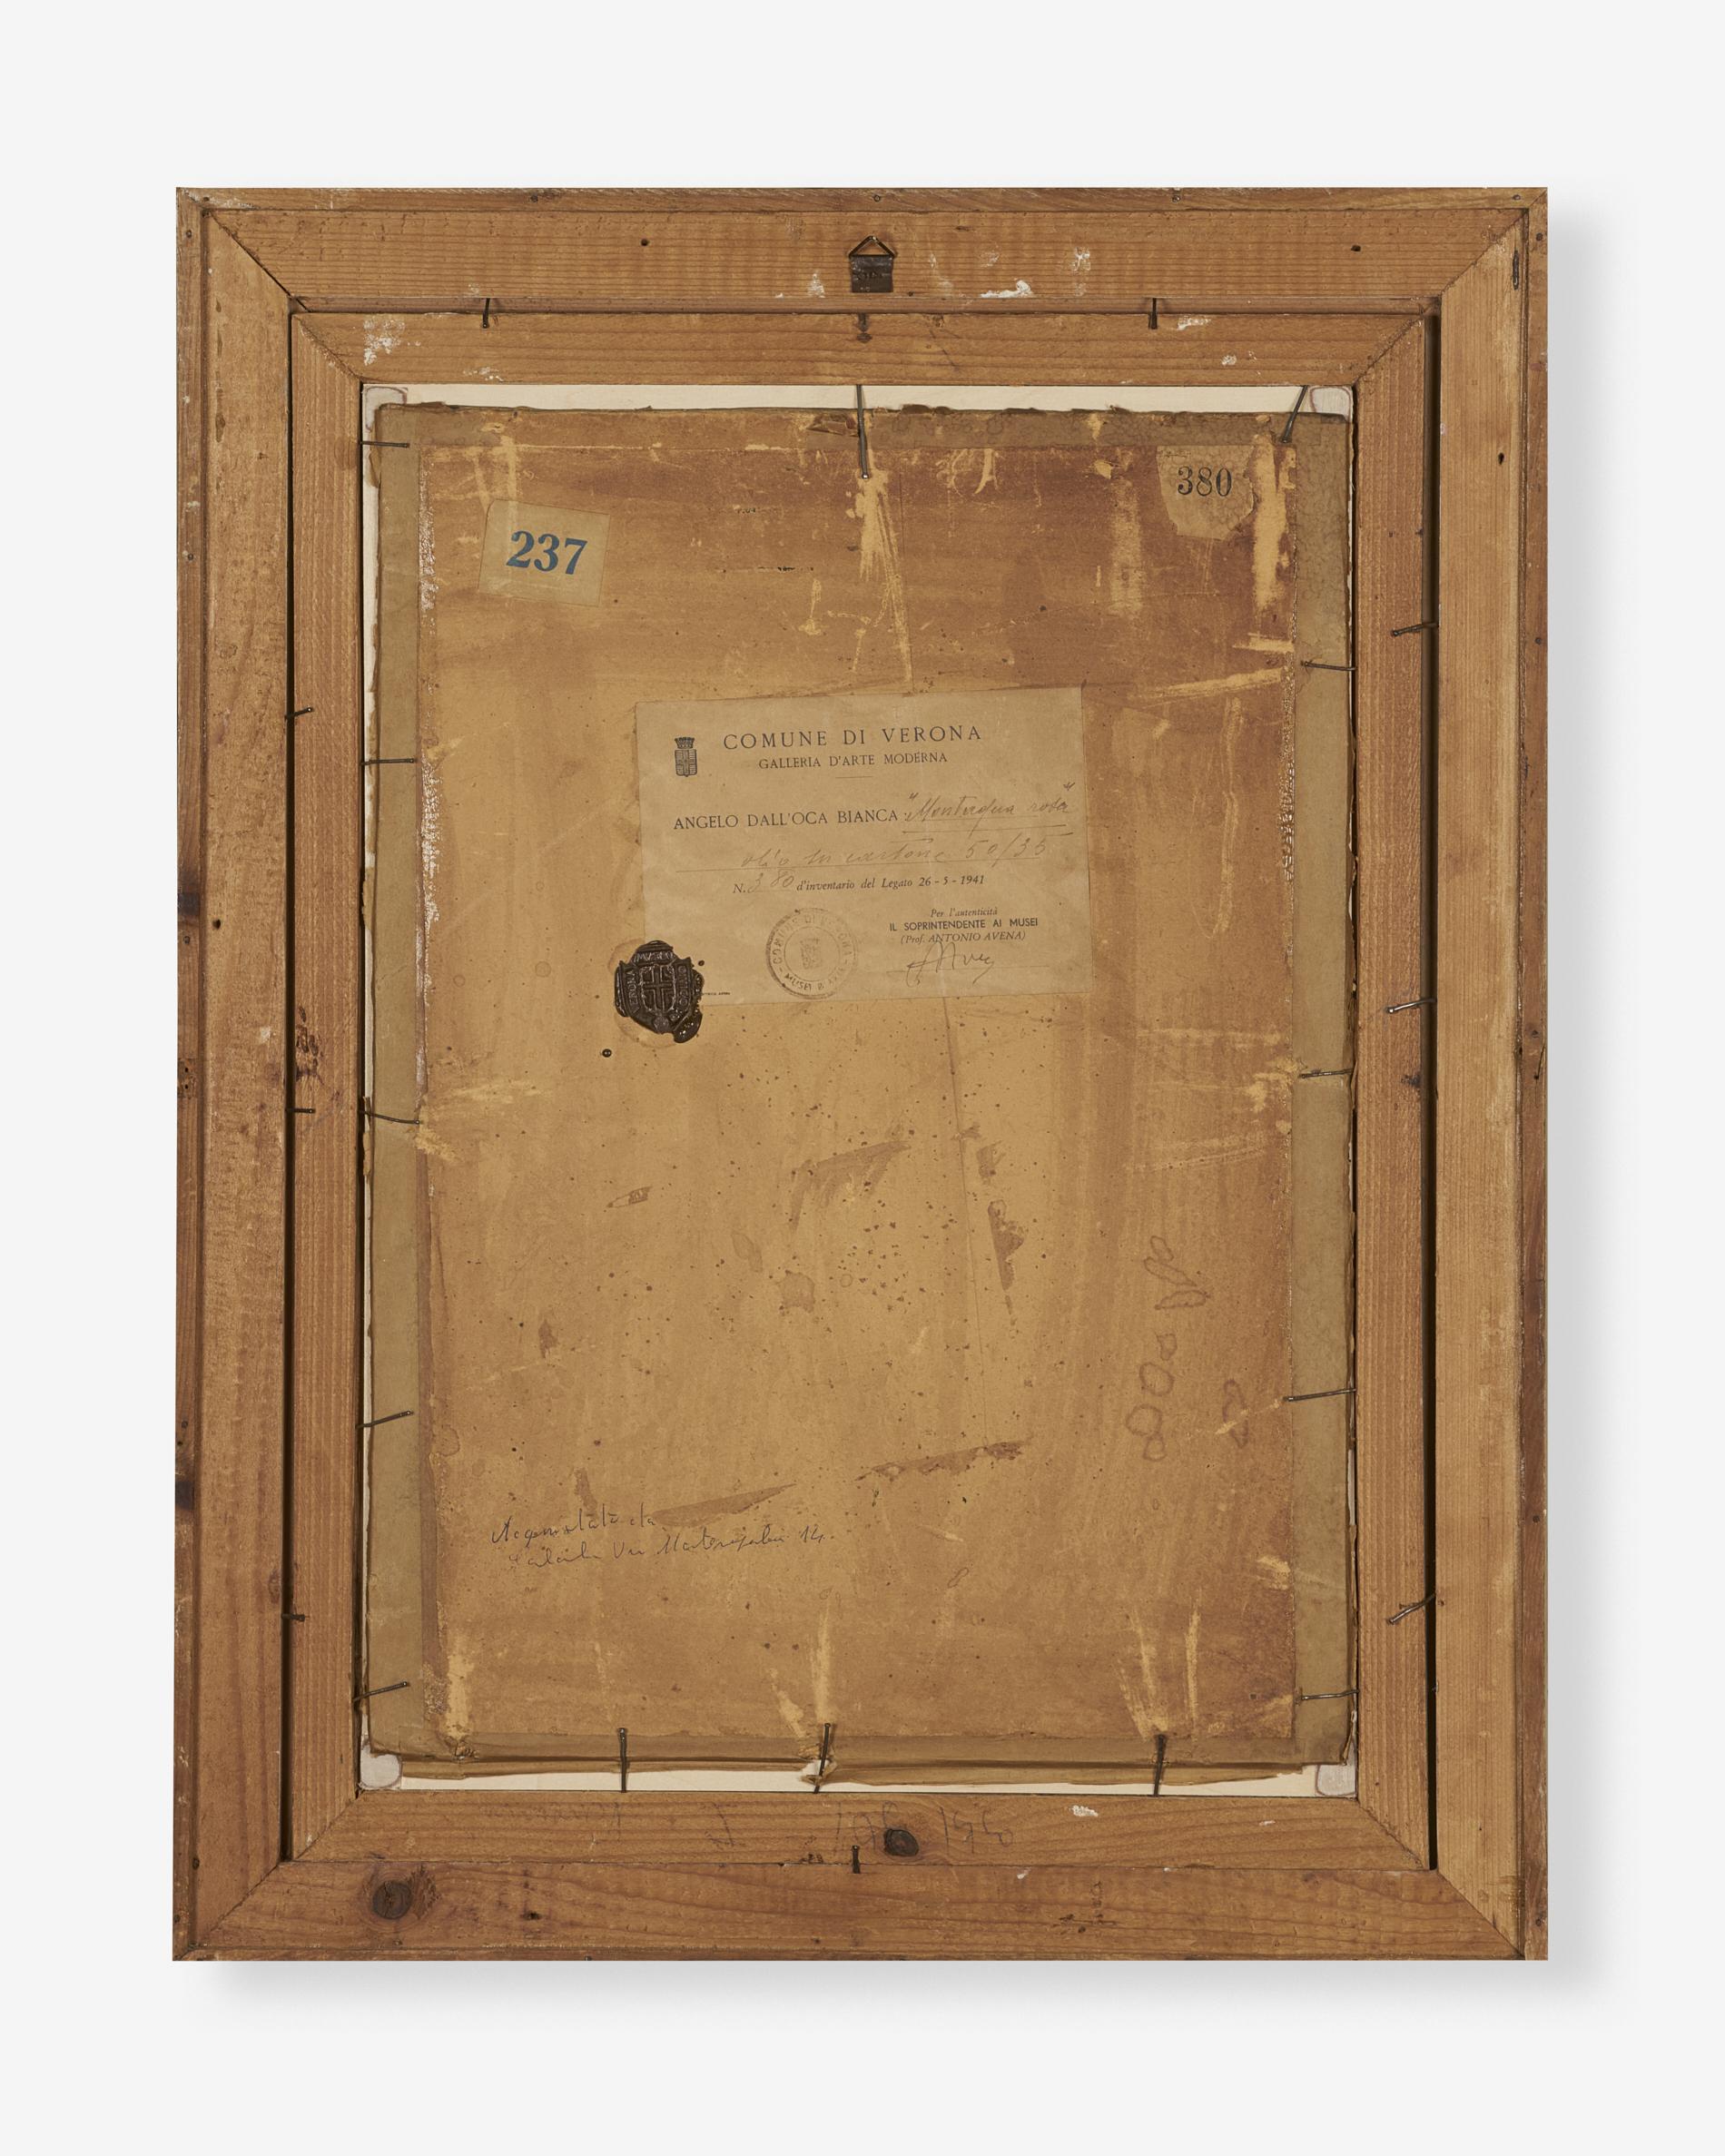 Angelo-DallOca-Binaca_Montagne-Rosa0546faraci-arte-verona-galleria-arte-moderna-angelo-dalloca-bianca-pittore